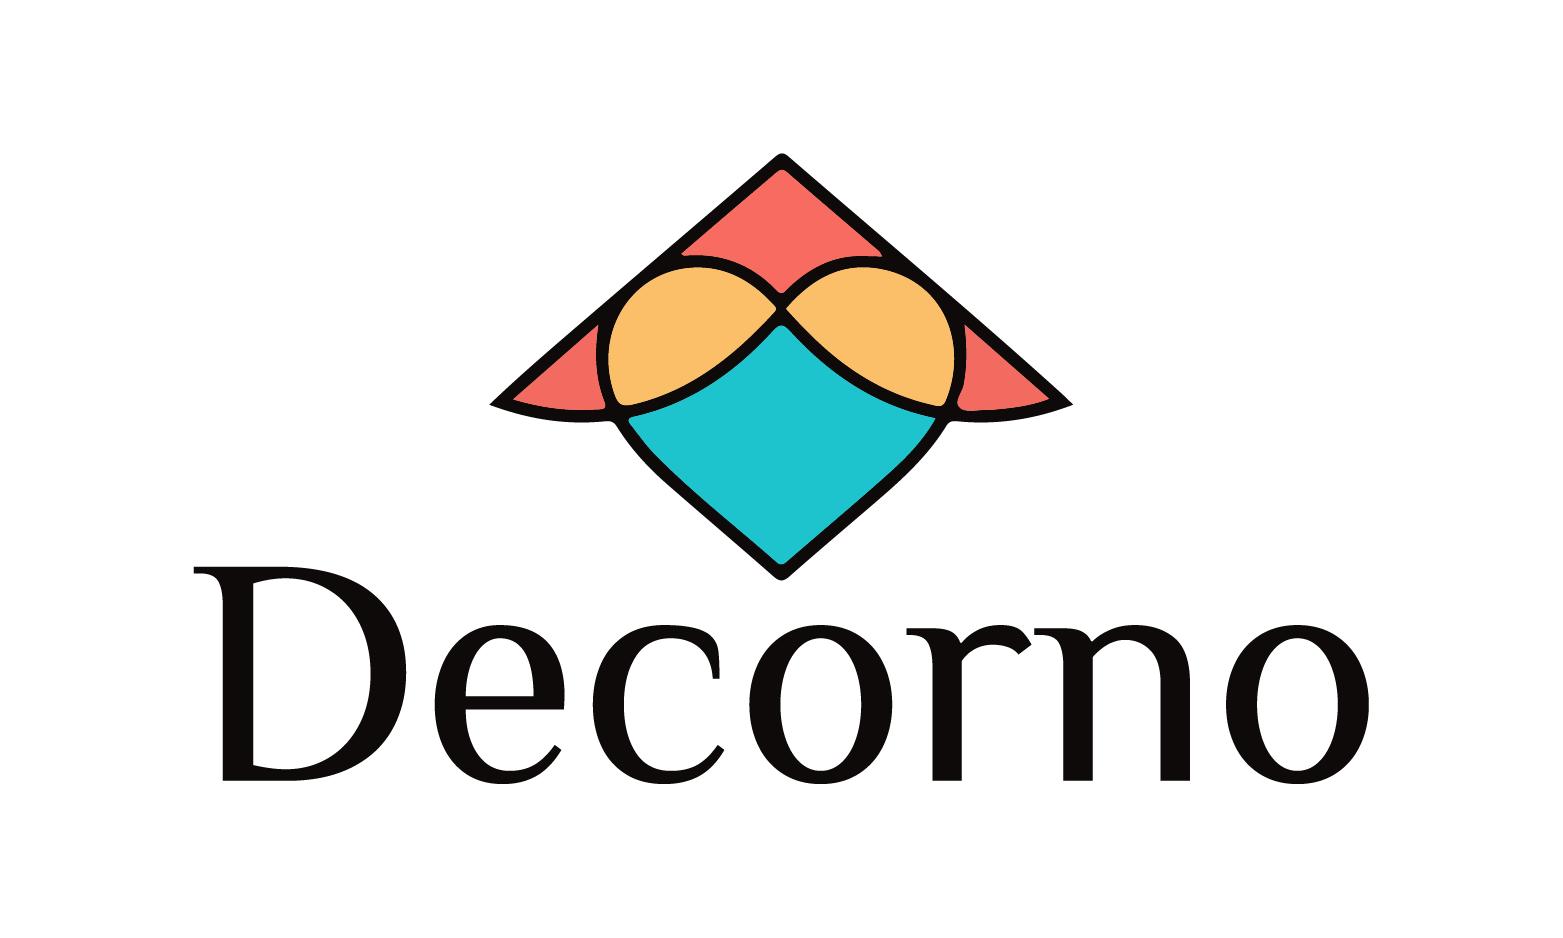 Decorno.com